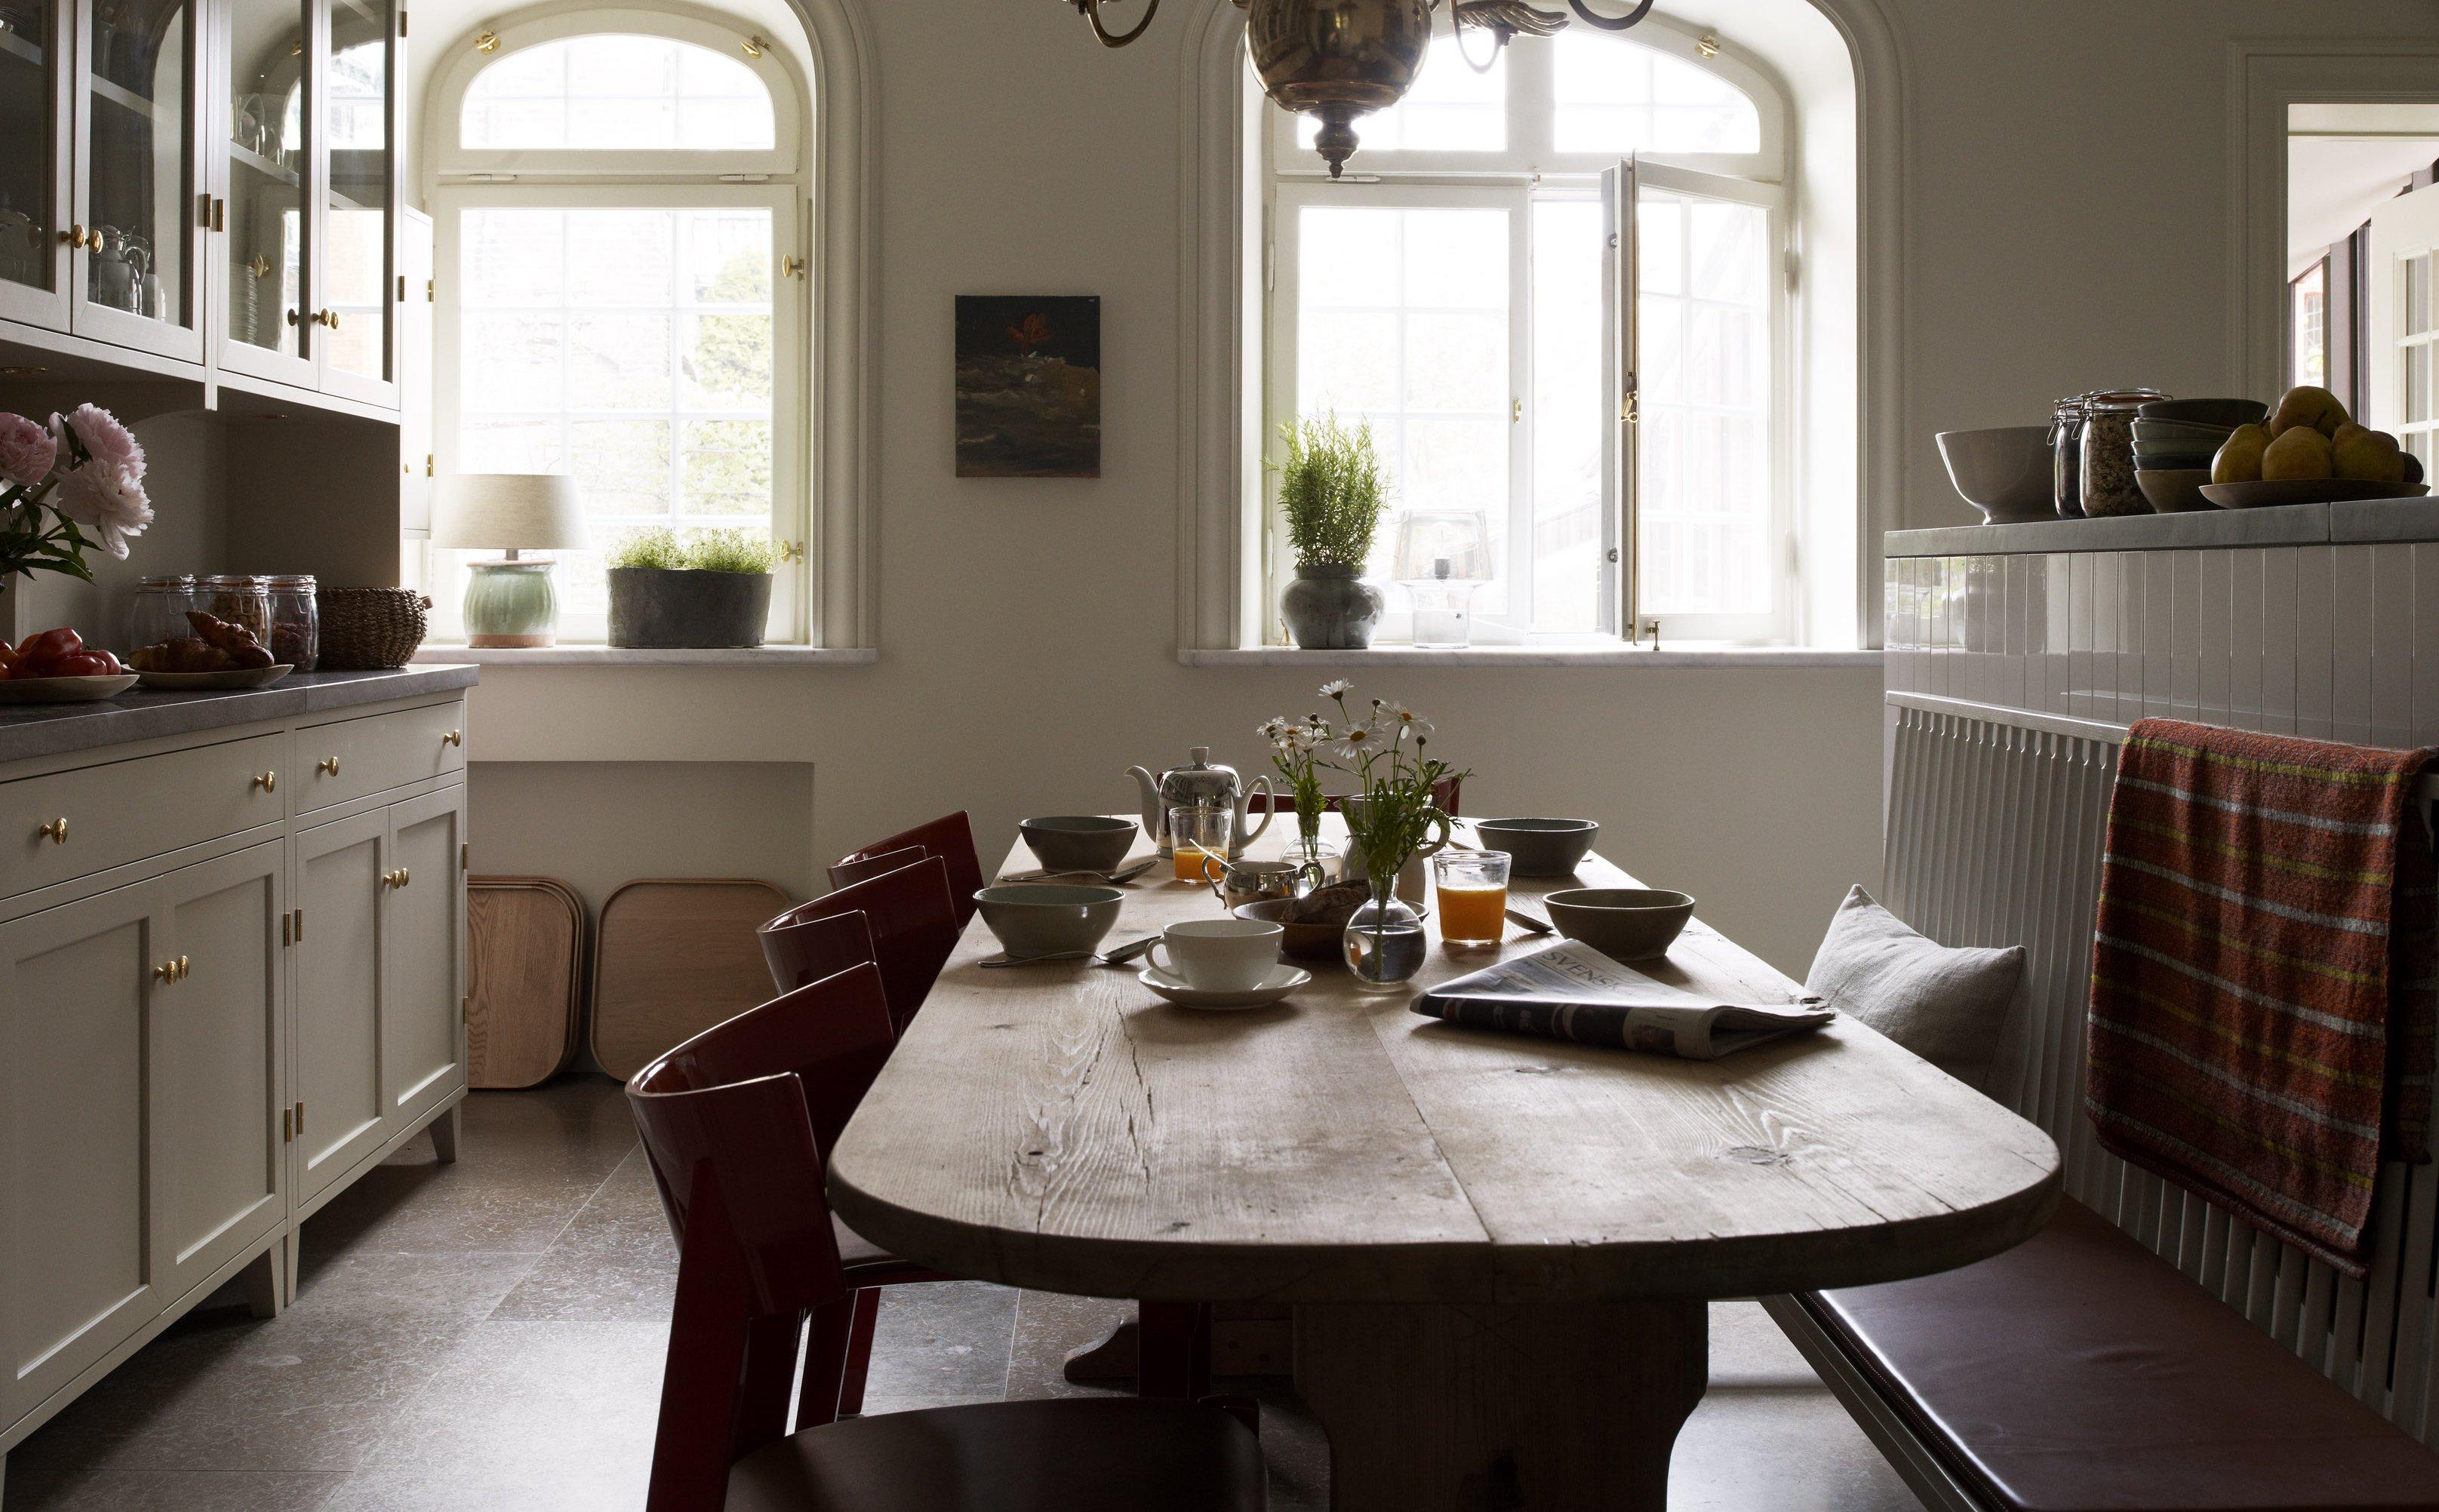 breakfast-ett-hem-hotel